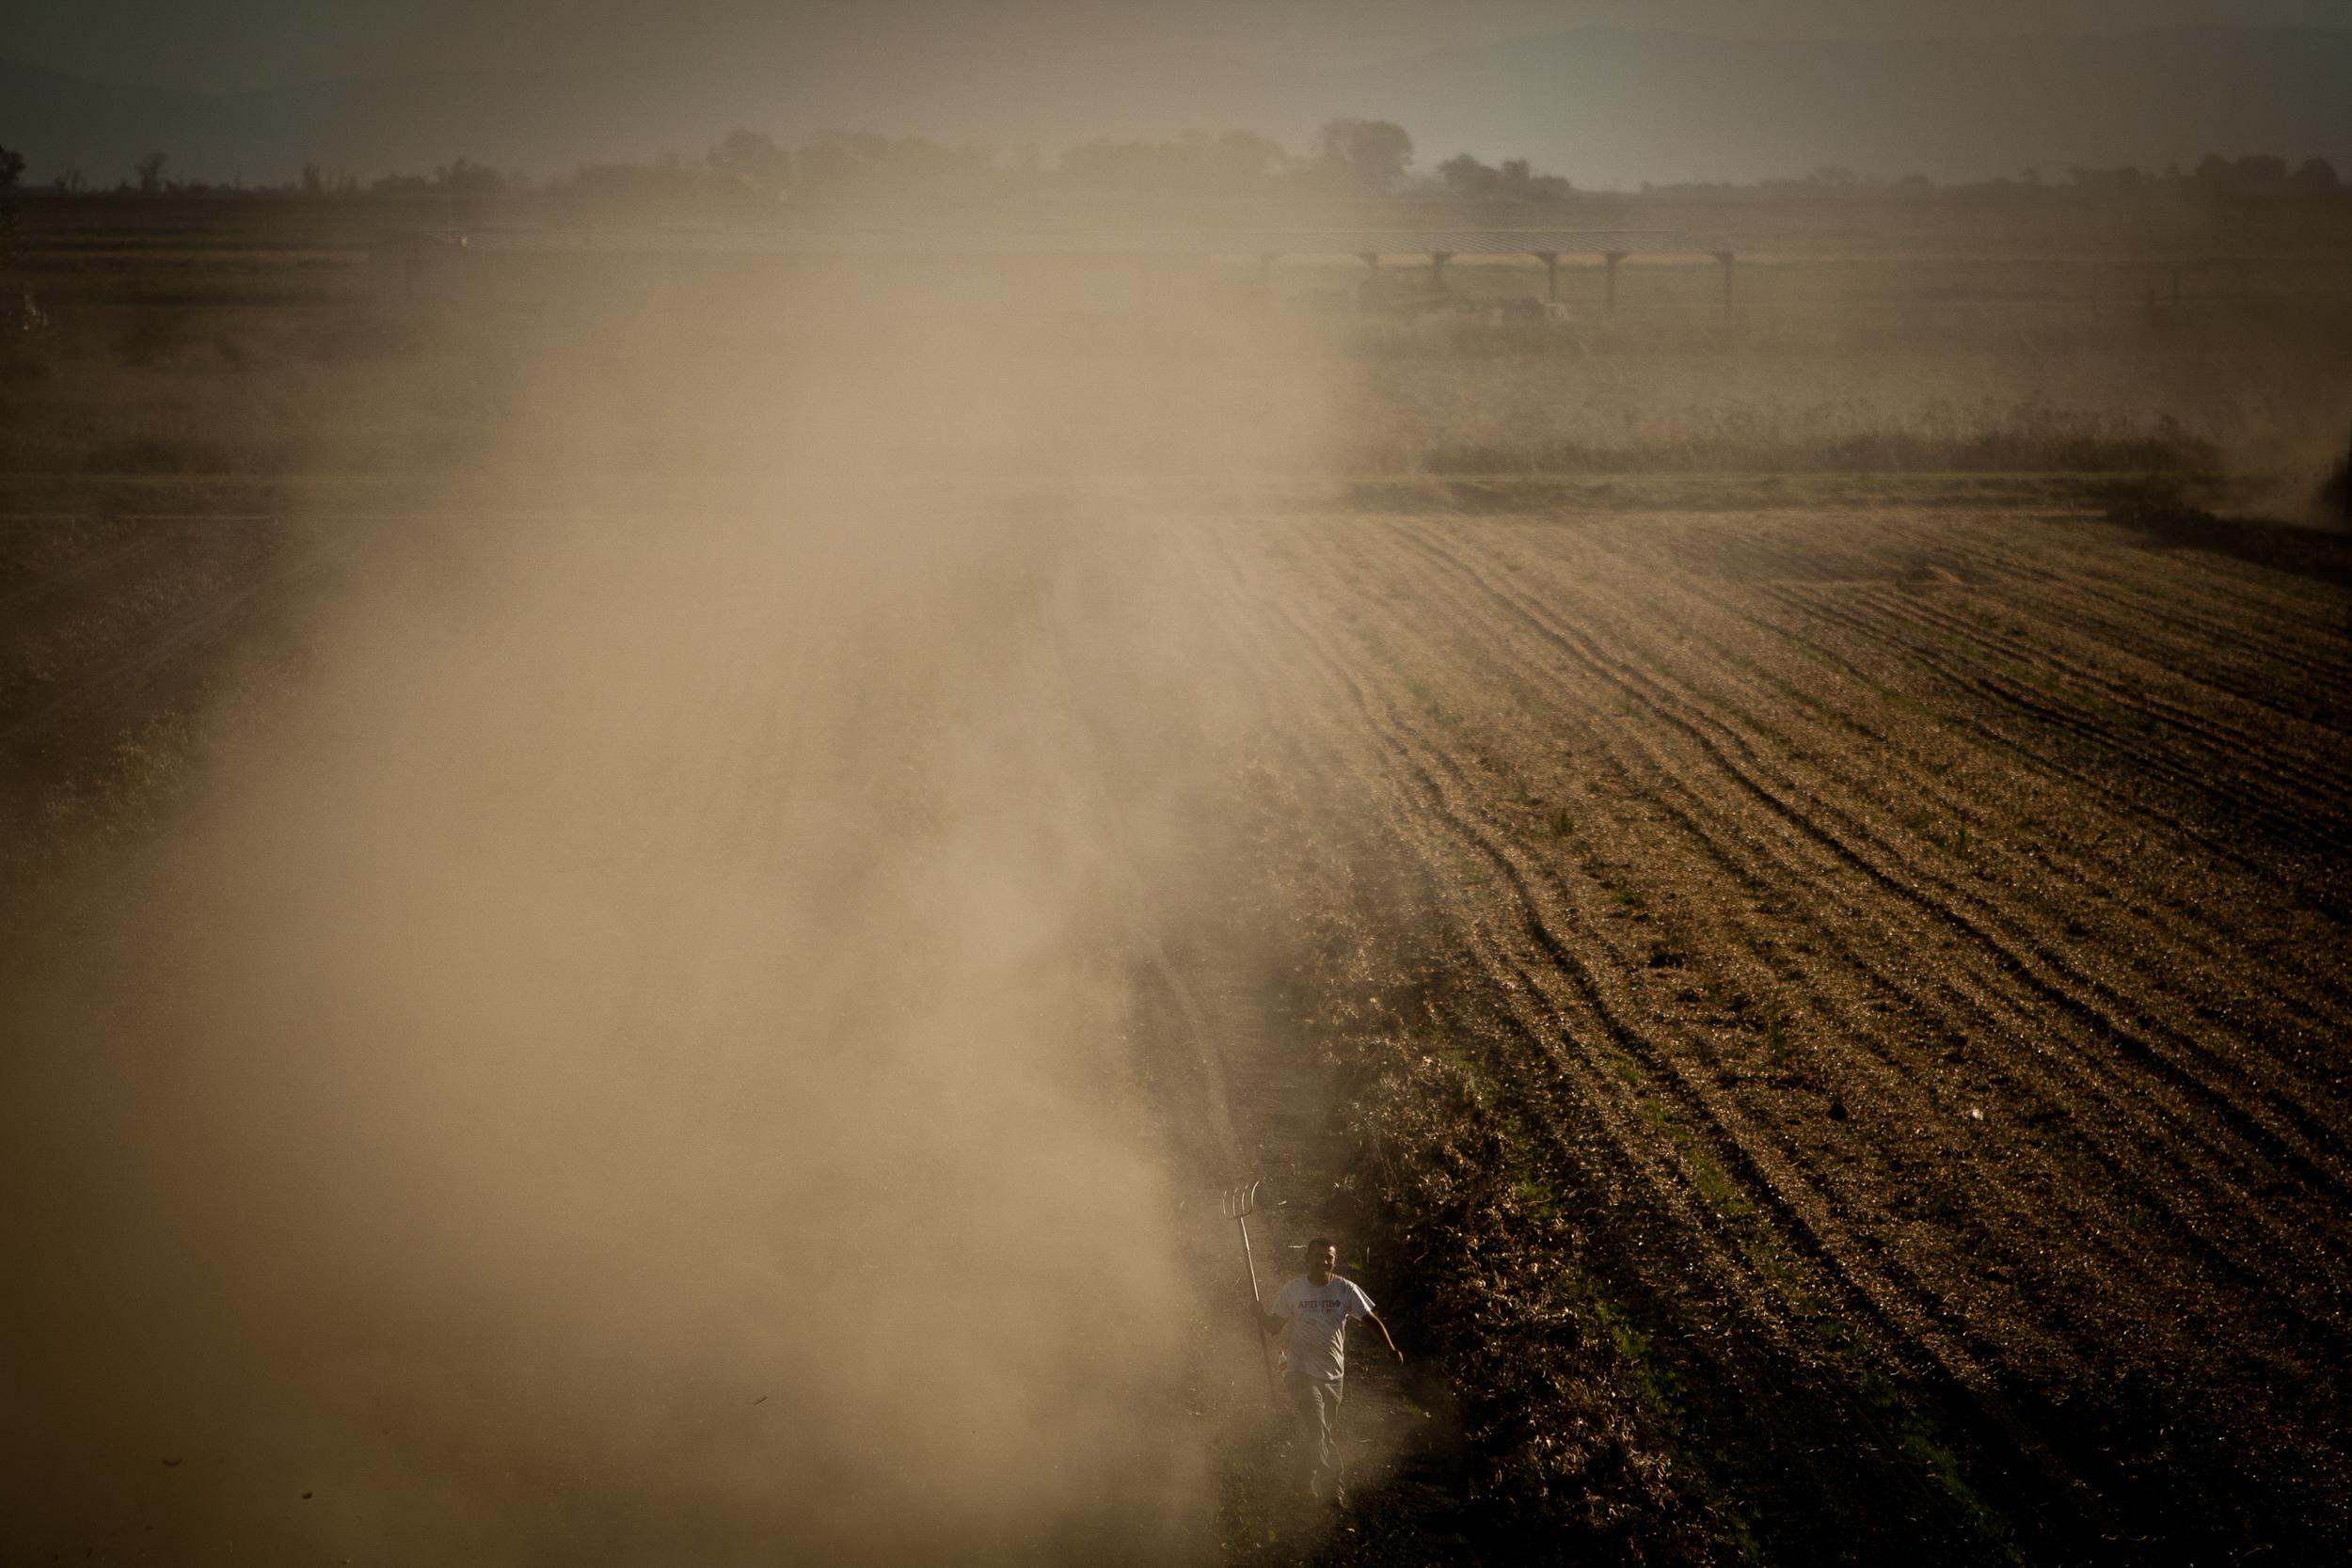 Farmworkers harvest corn silage on Brannan Island in California's Delta.